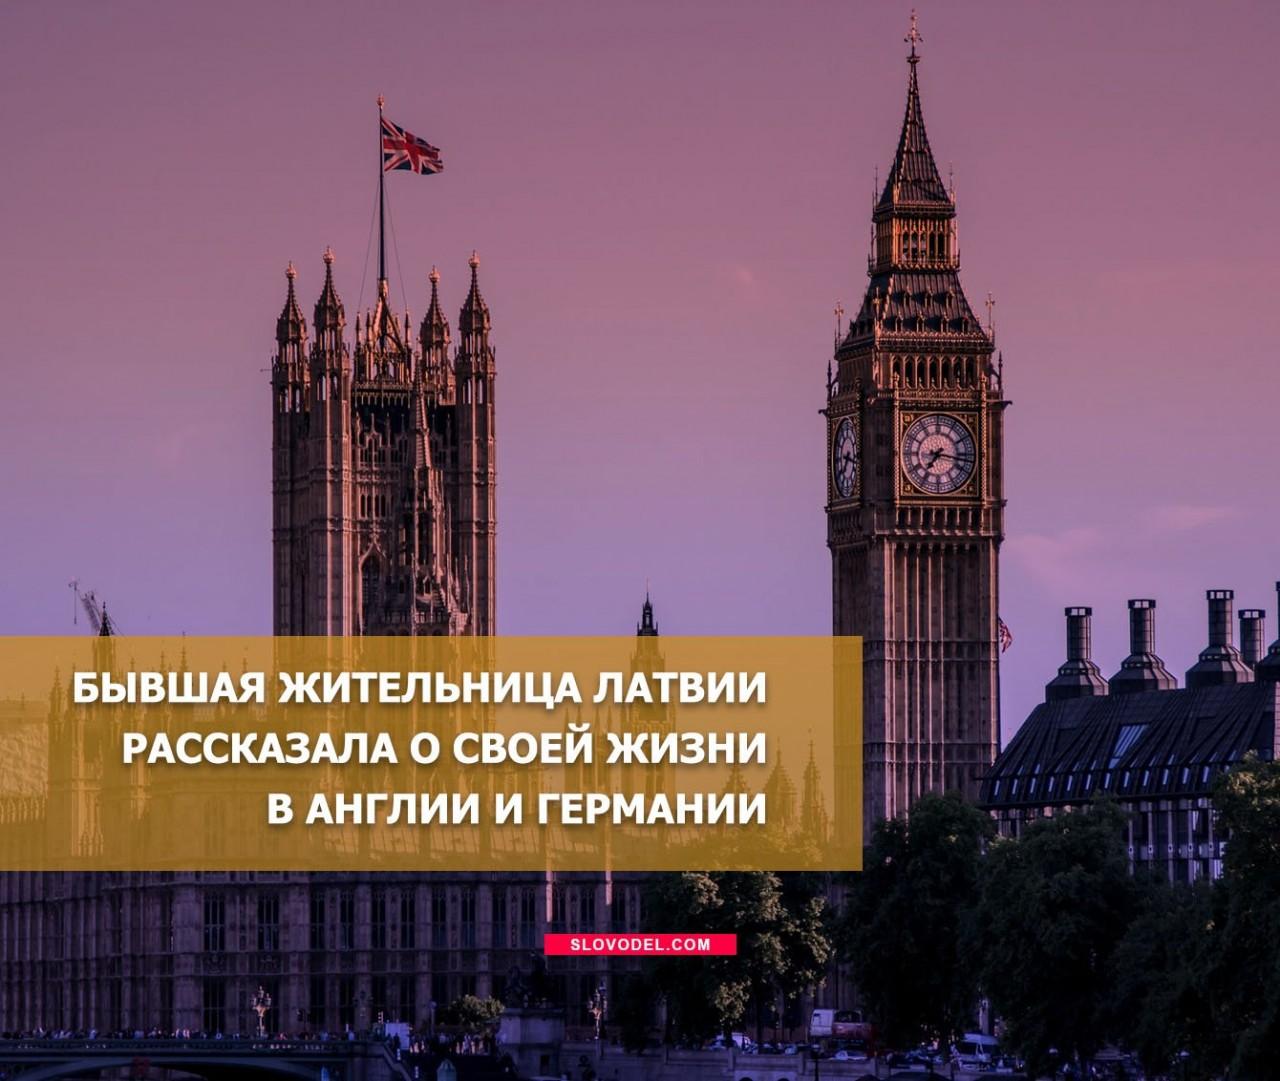 Бывшая жительница Латвии рассказала о своей жизни в Англии и Германии